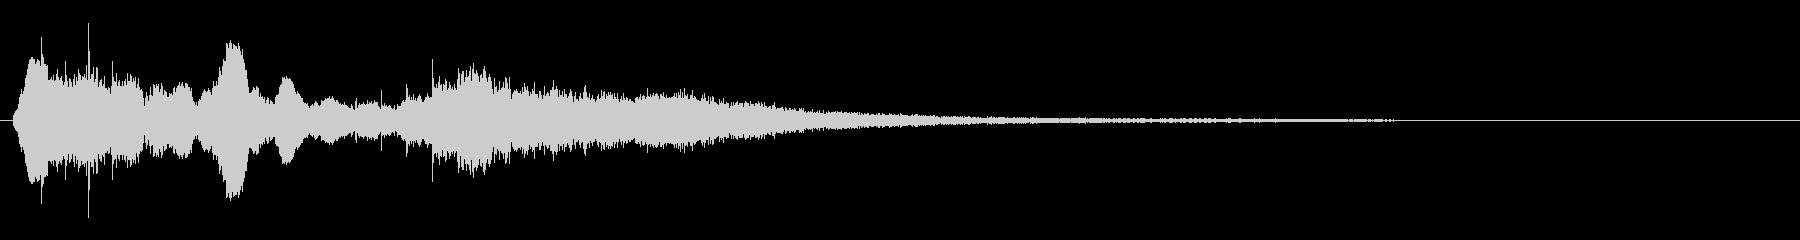 タイトルバック ホラー4の未再生の波形